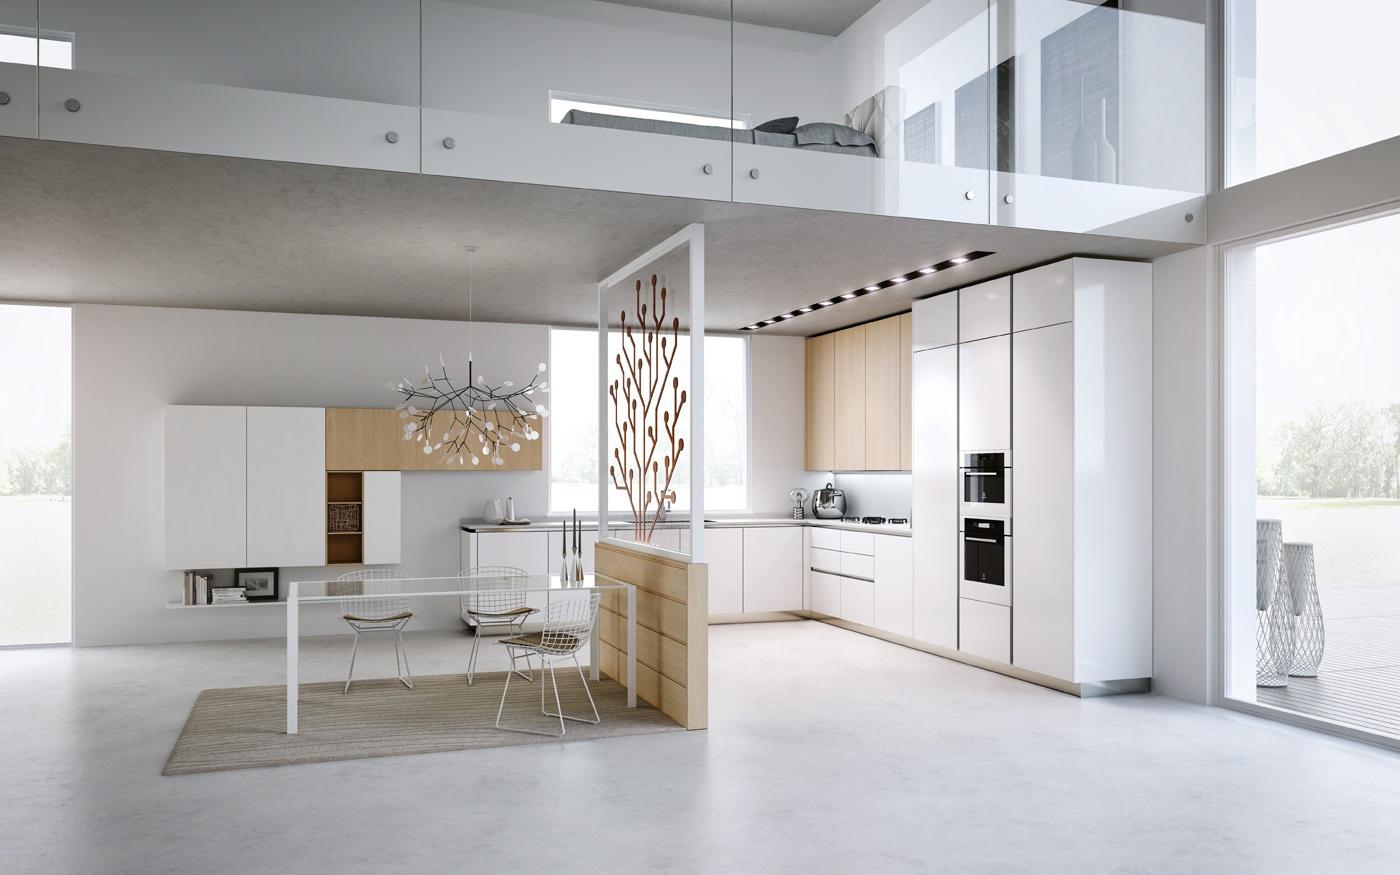 Best Kitchen Gallery: Modern Kitchen Design Interior Design Ideas of Interior Design Kitchen  on rachelxblog.com